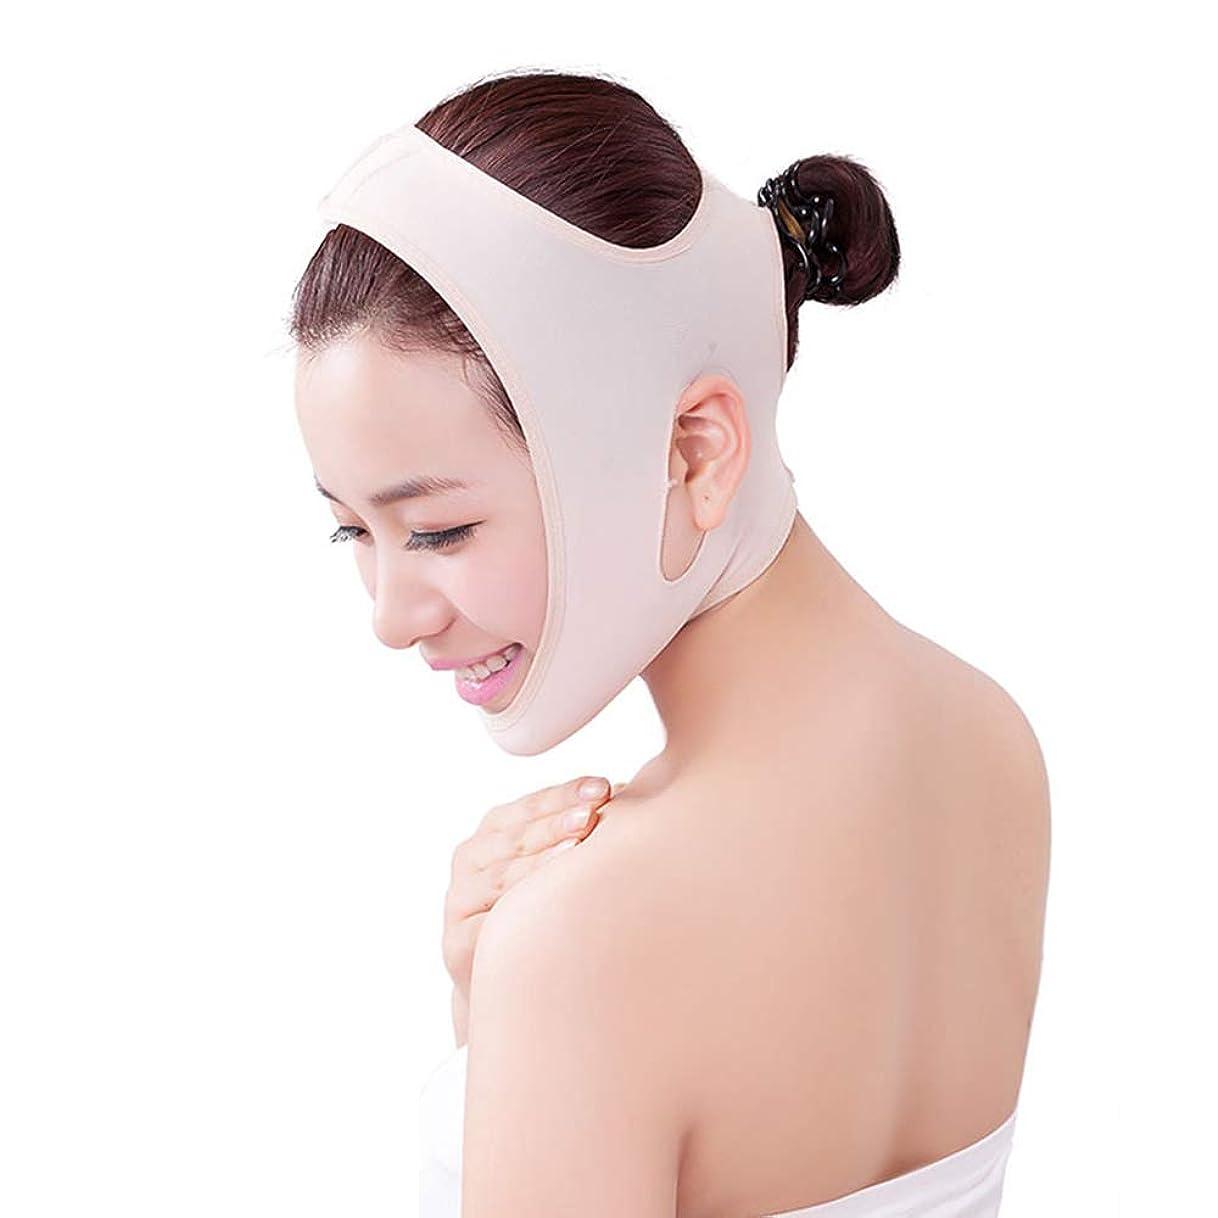 放射性プール時代遅れGYZ 顔の持ち上がる痩身ベルト - アンチエイジングリンクルフェイスマスクベルトあなたの顔のためのすばらしい試し二重あごの試し Thin Face Belt (Size : L)